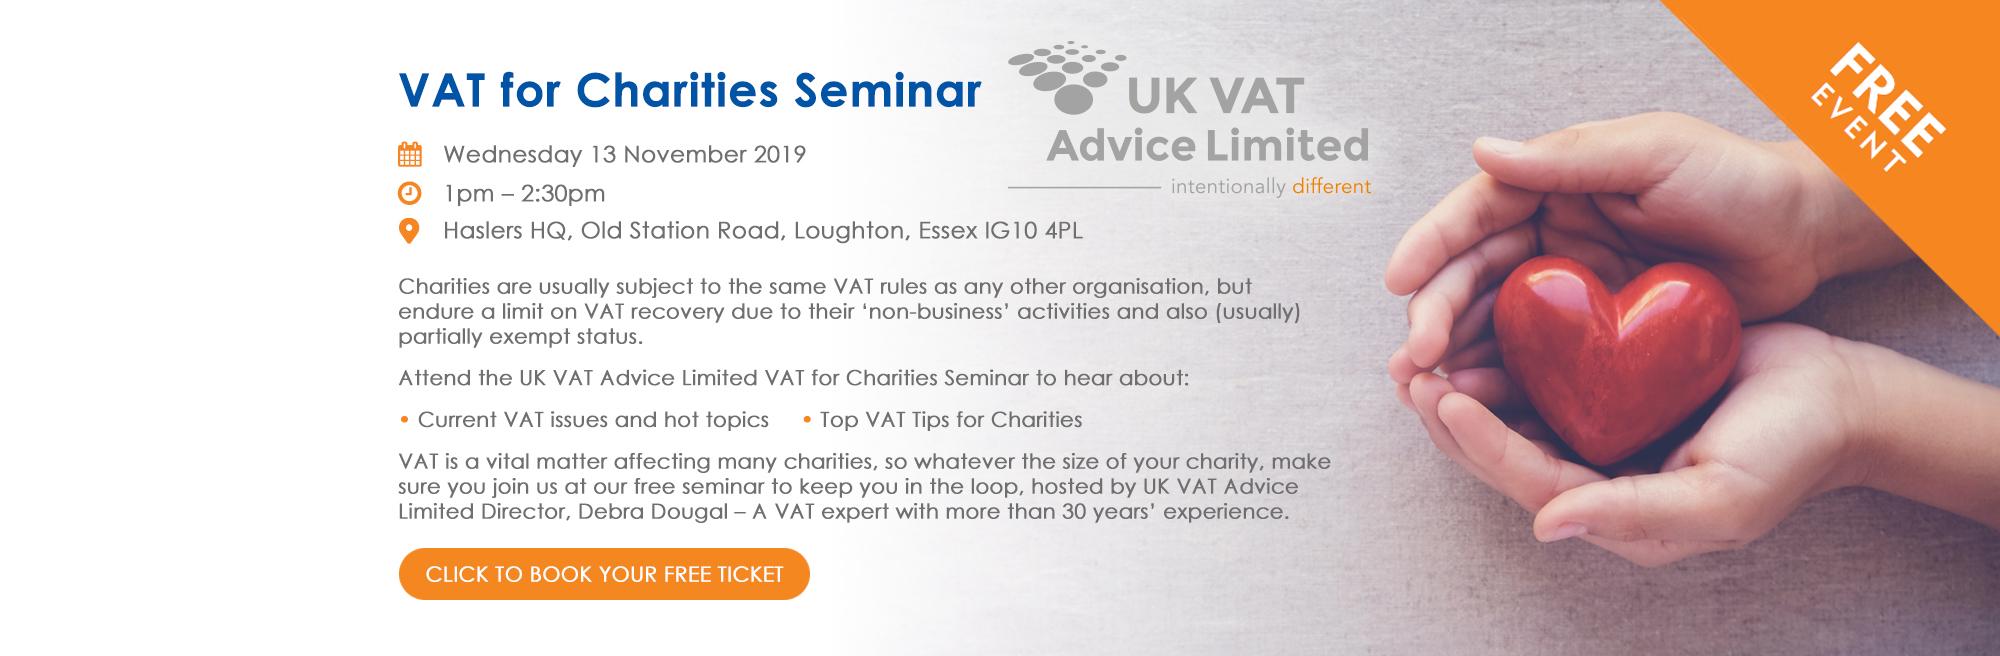 VAT for Charities Seminar